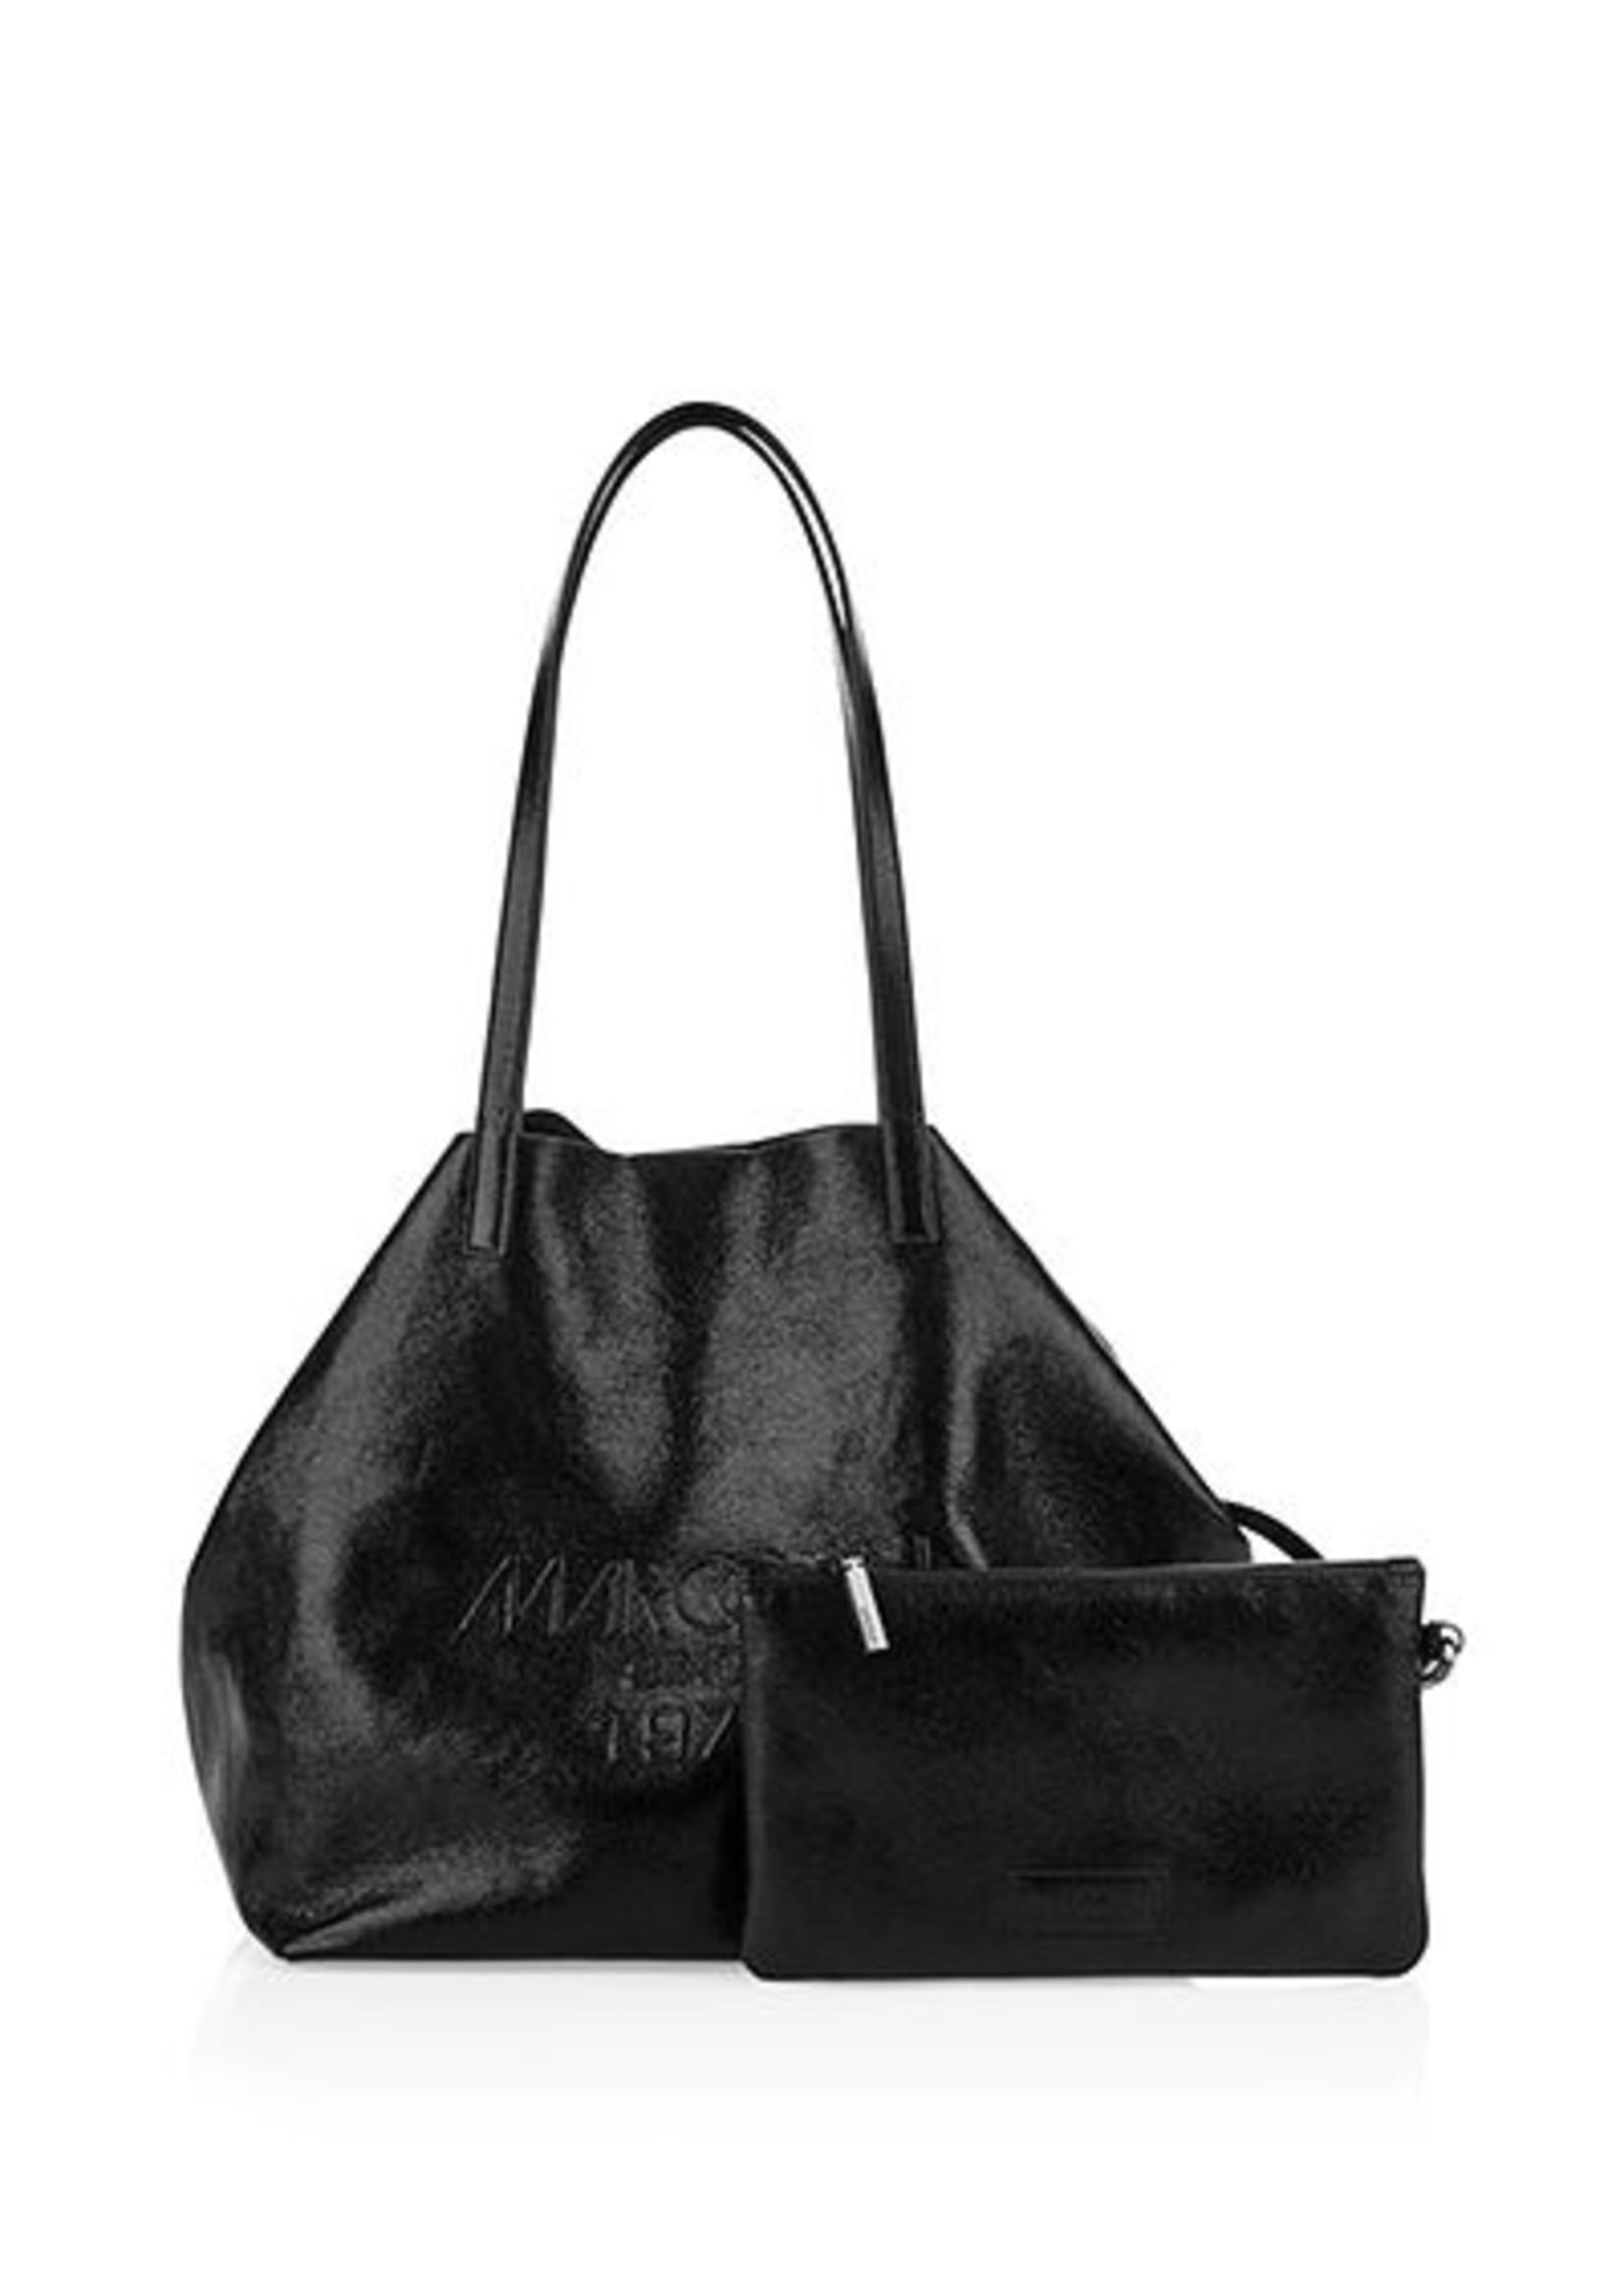 Marccain Bags & Shoes Shopper RB T6.05 Z04 black